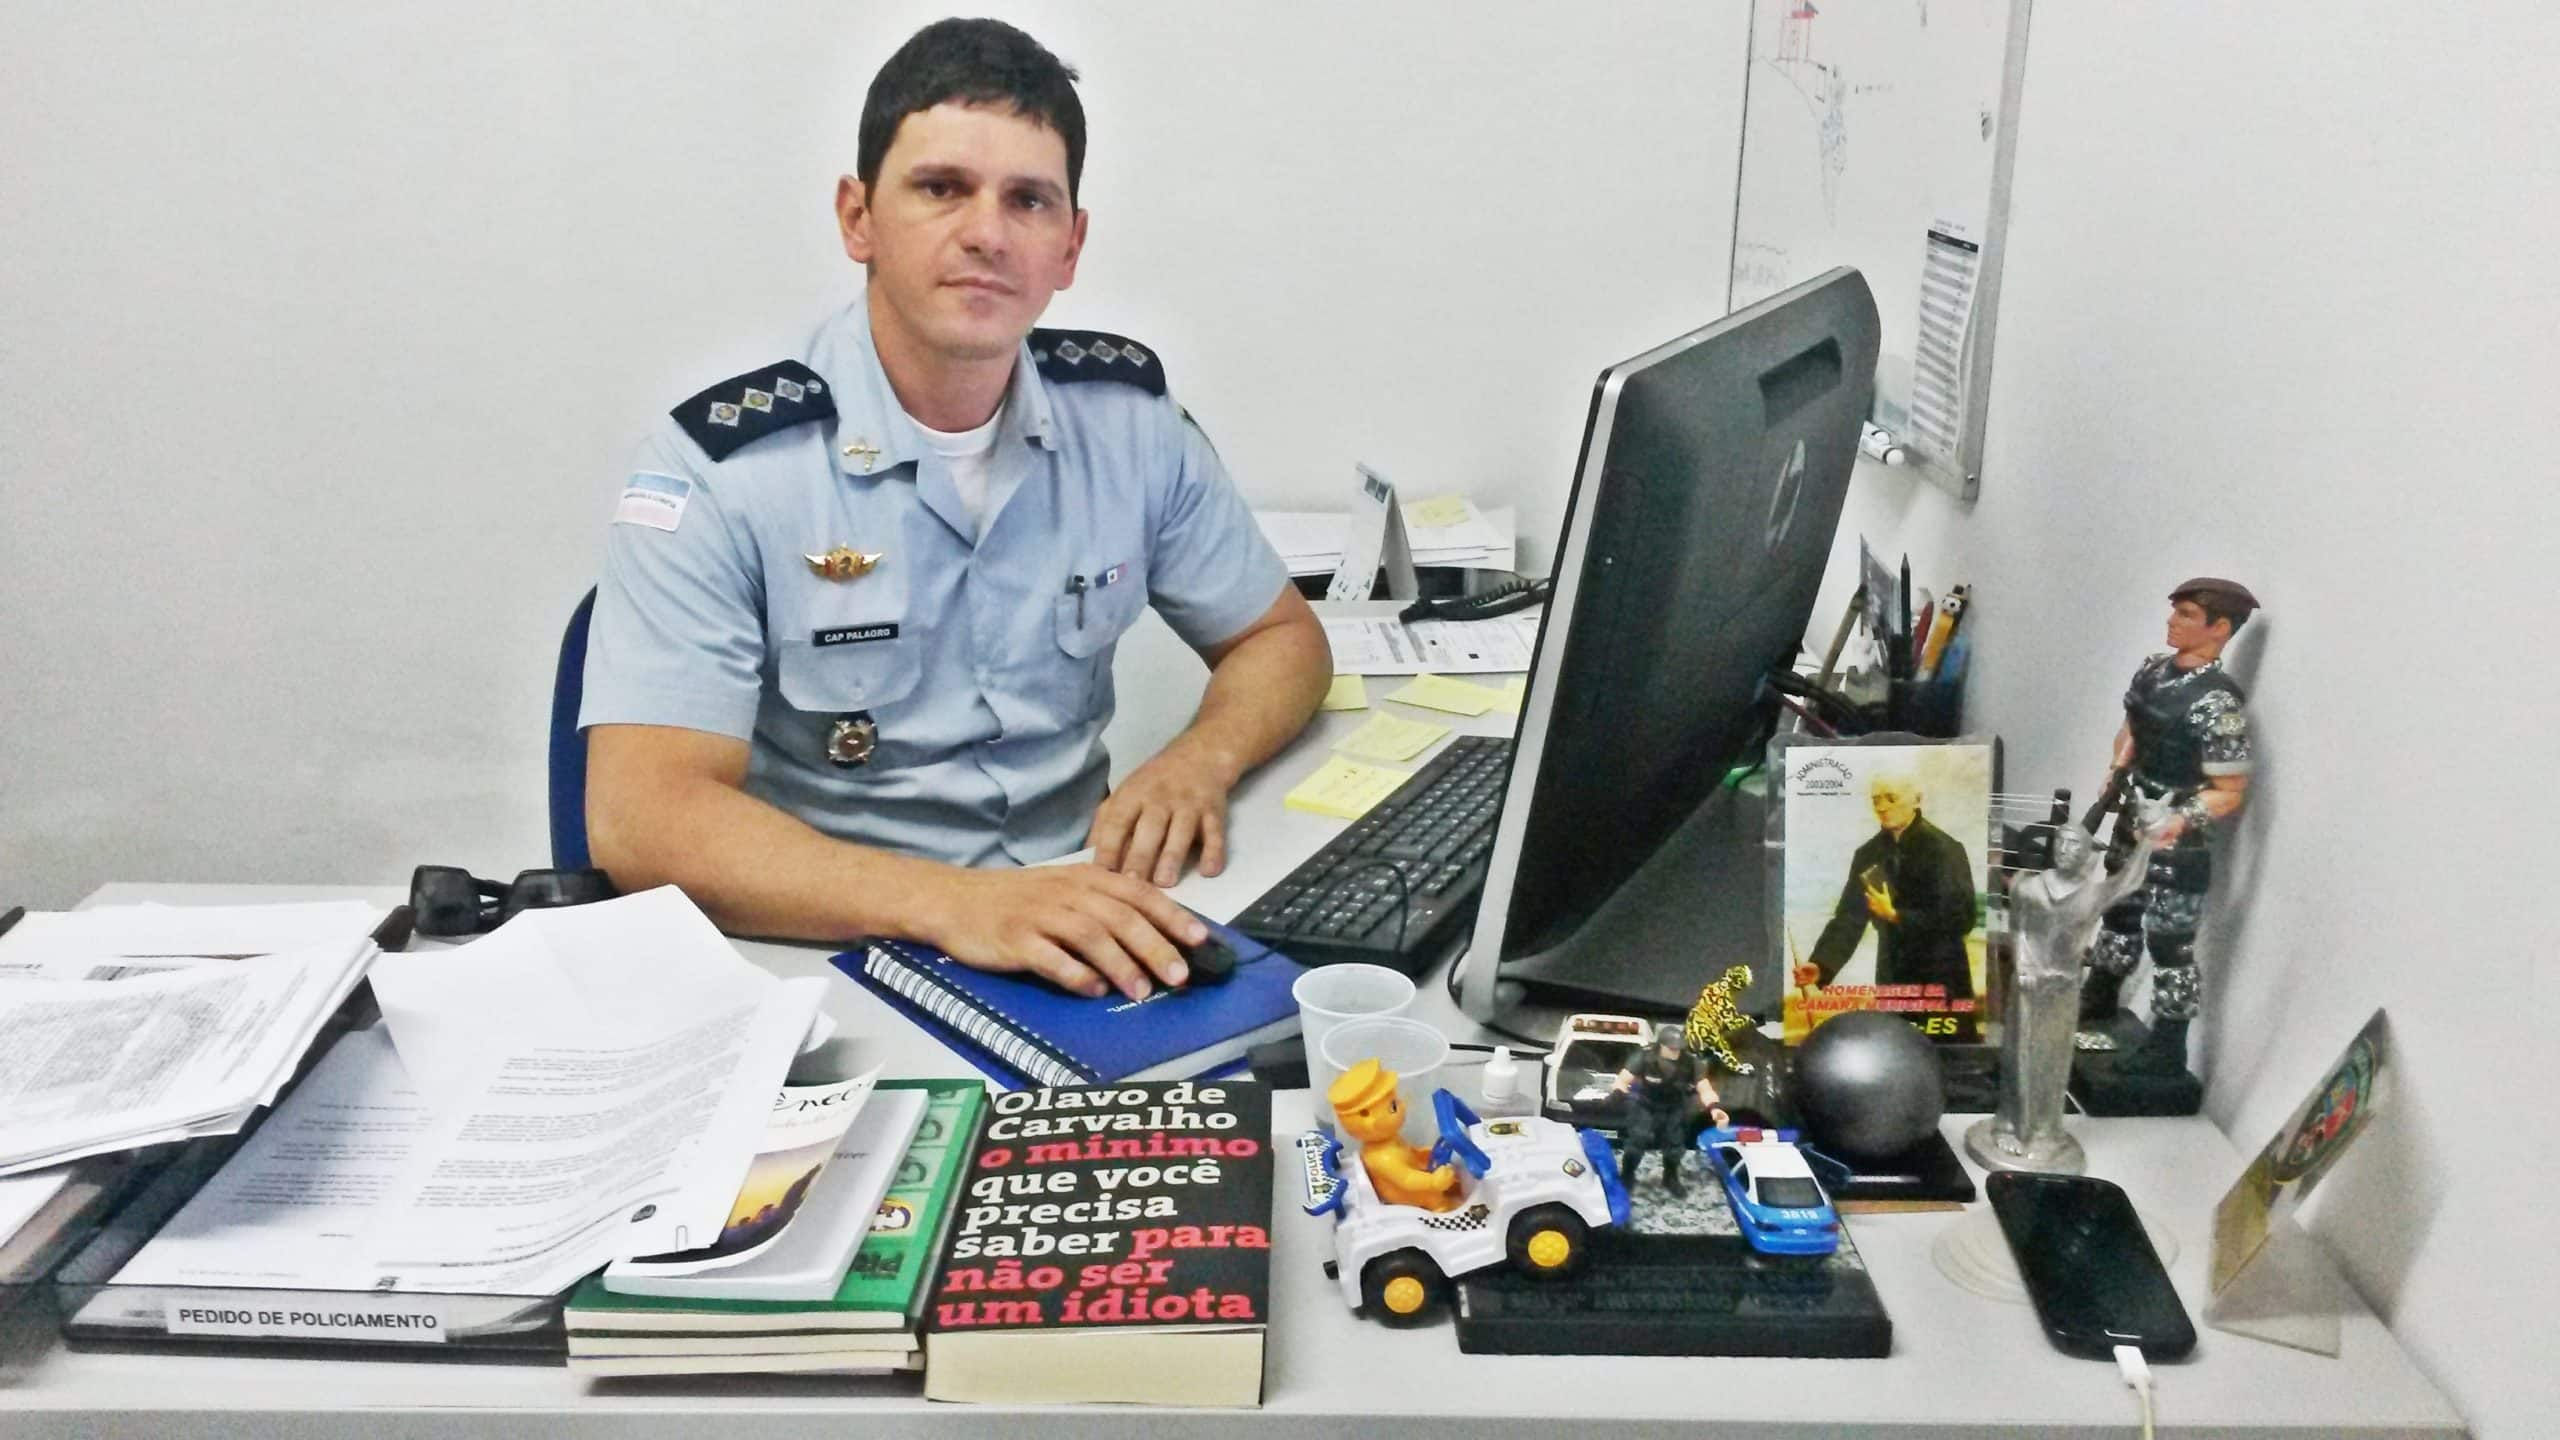 Passar trote para o serviço de emergência é crime previsto no Código Penal Brasileiro